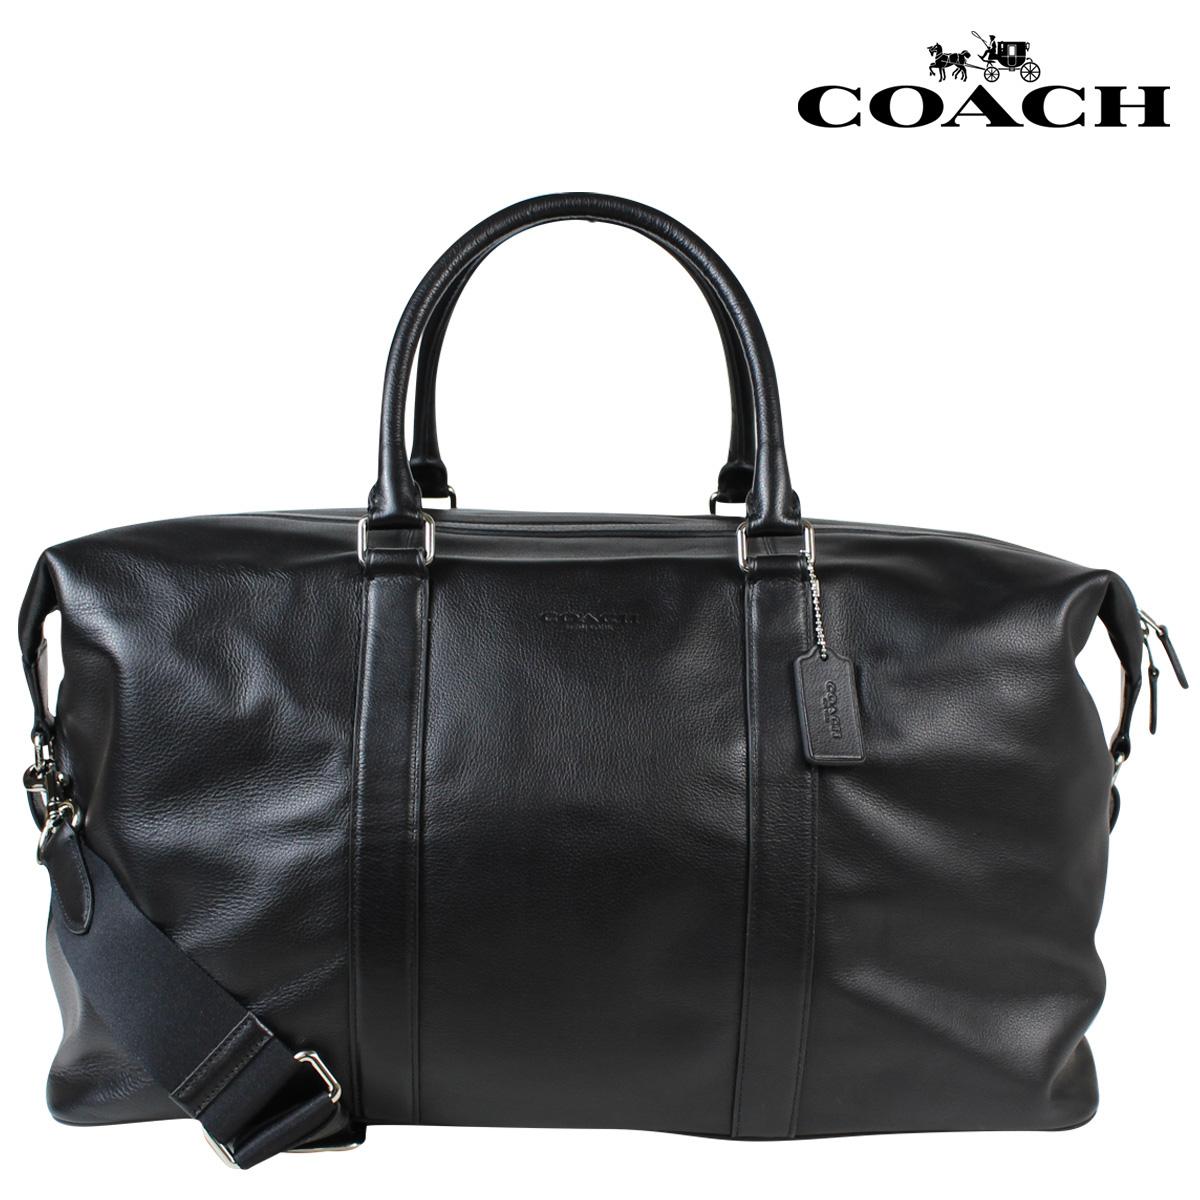 COACH コーチ バッグ ボストンバッグ メンズ F54802 ブラック